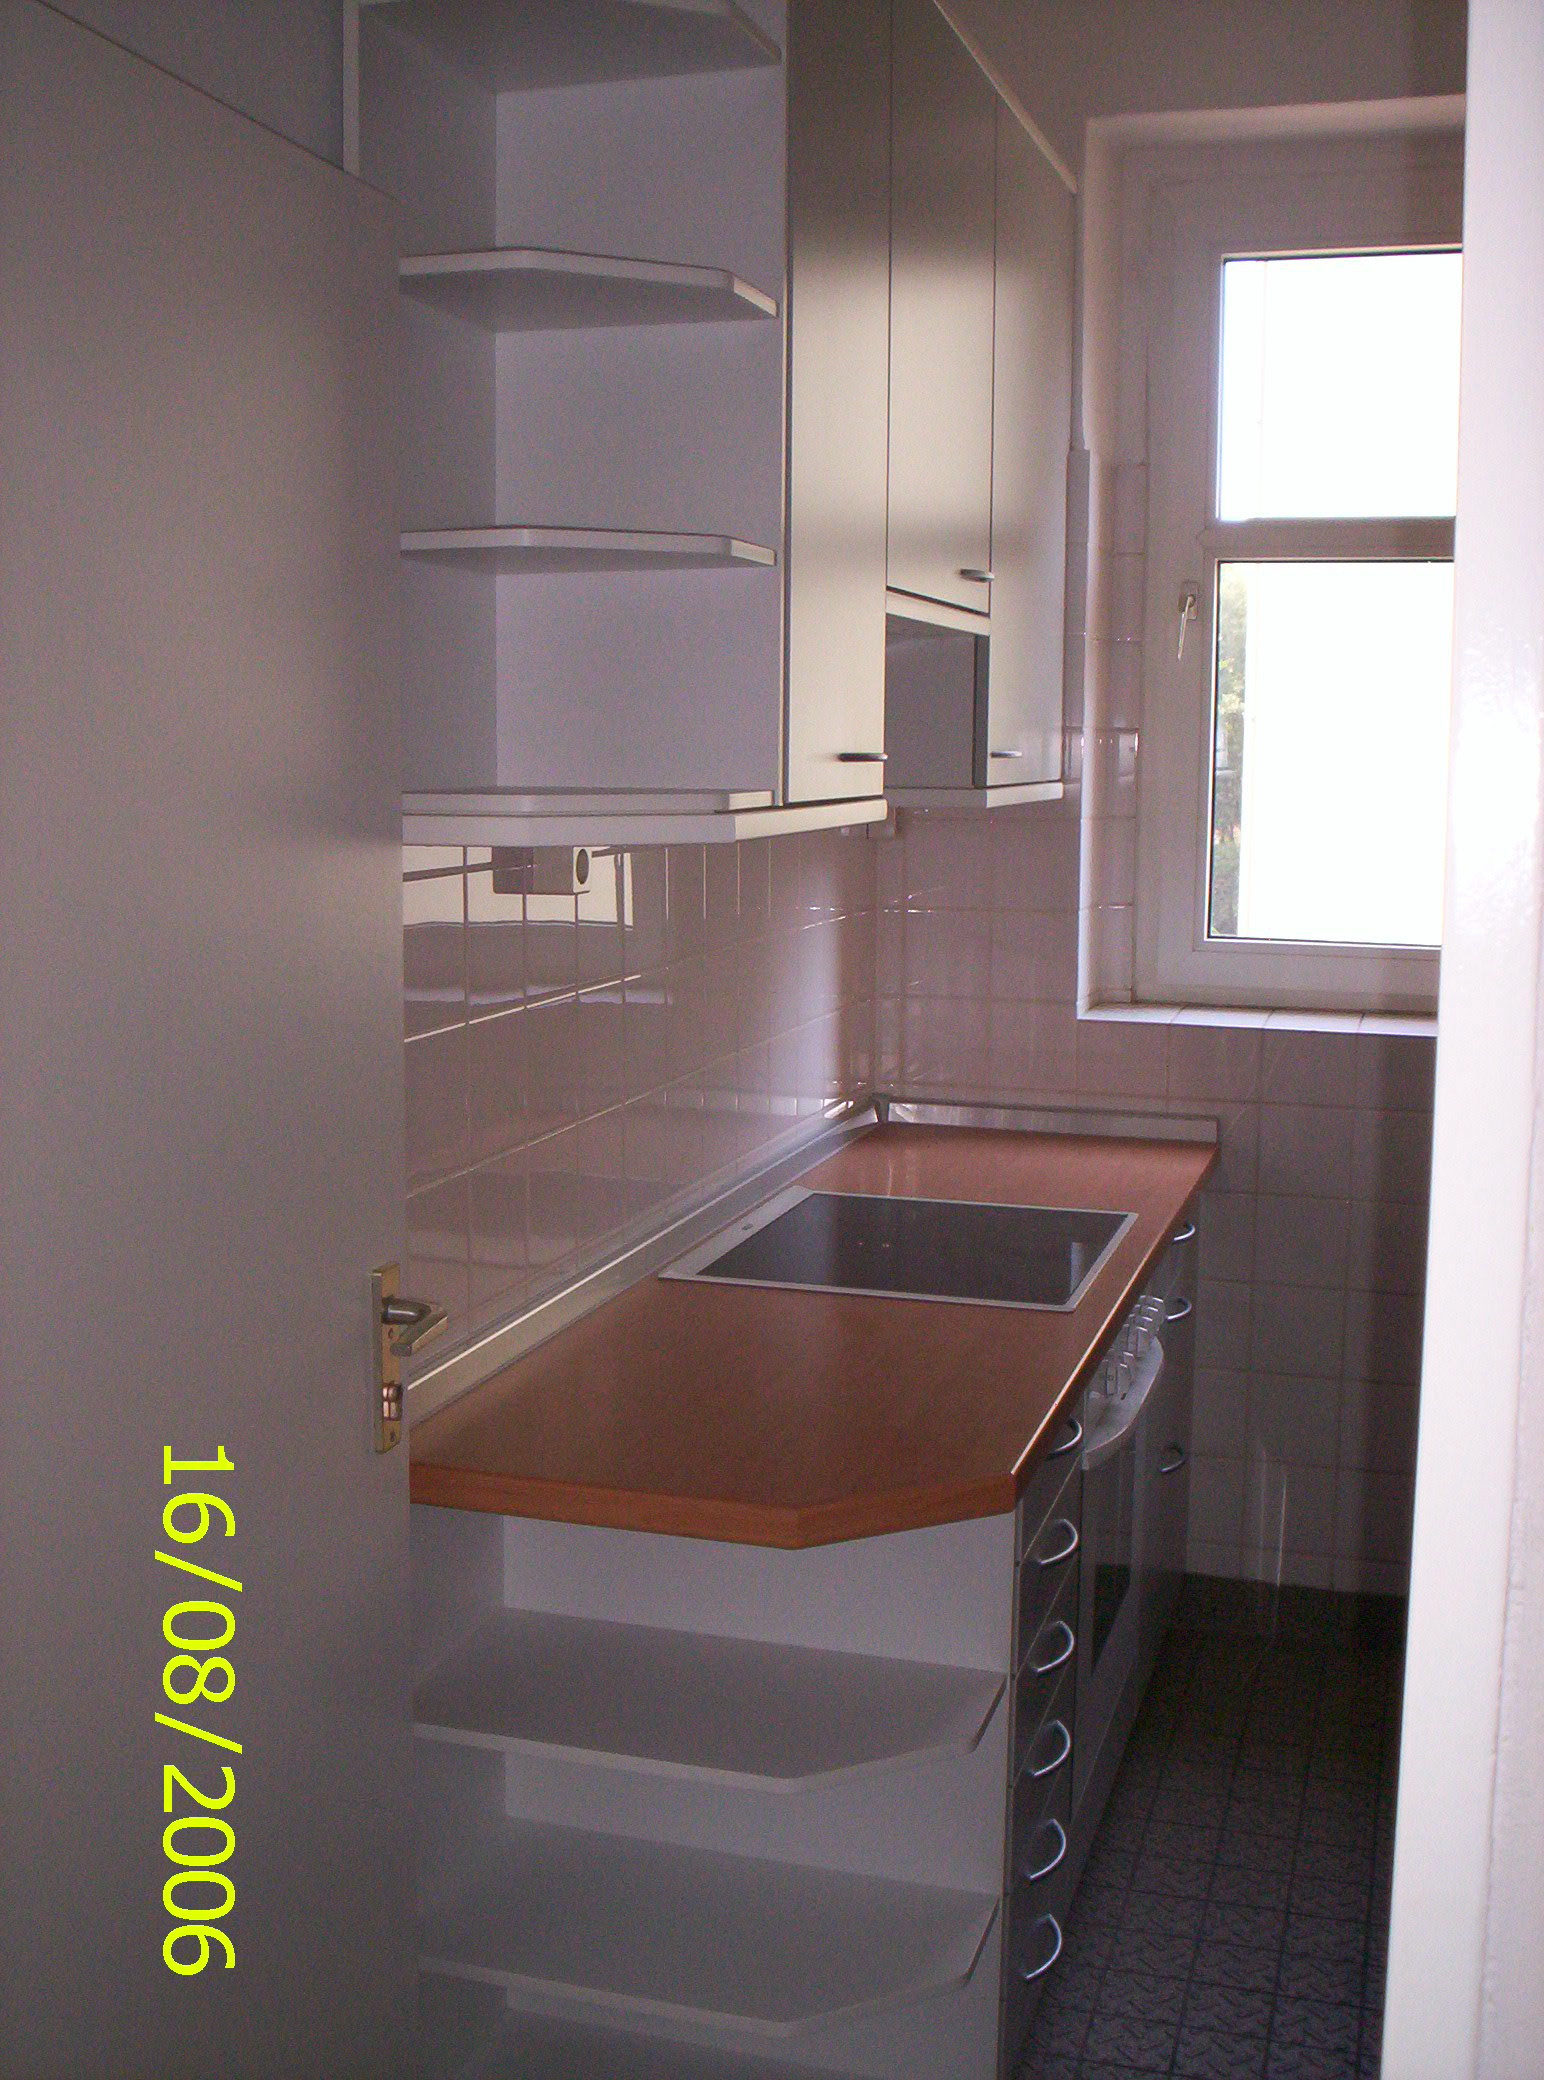 gebrauchte einbauküche | jtleigh - hausgestaltung ideen